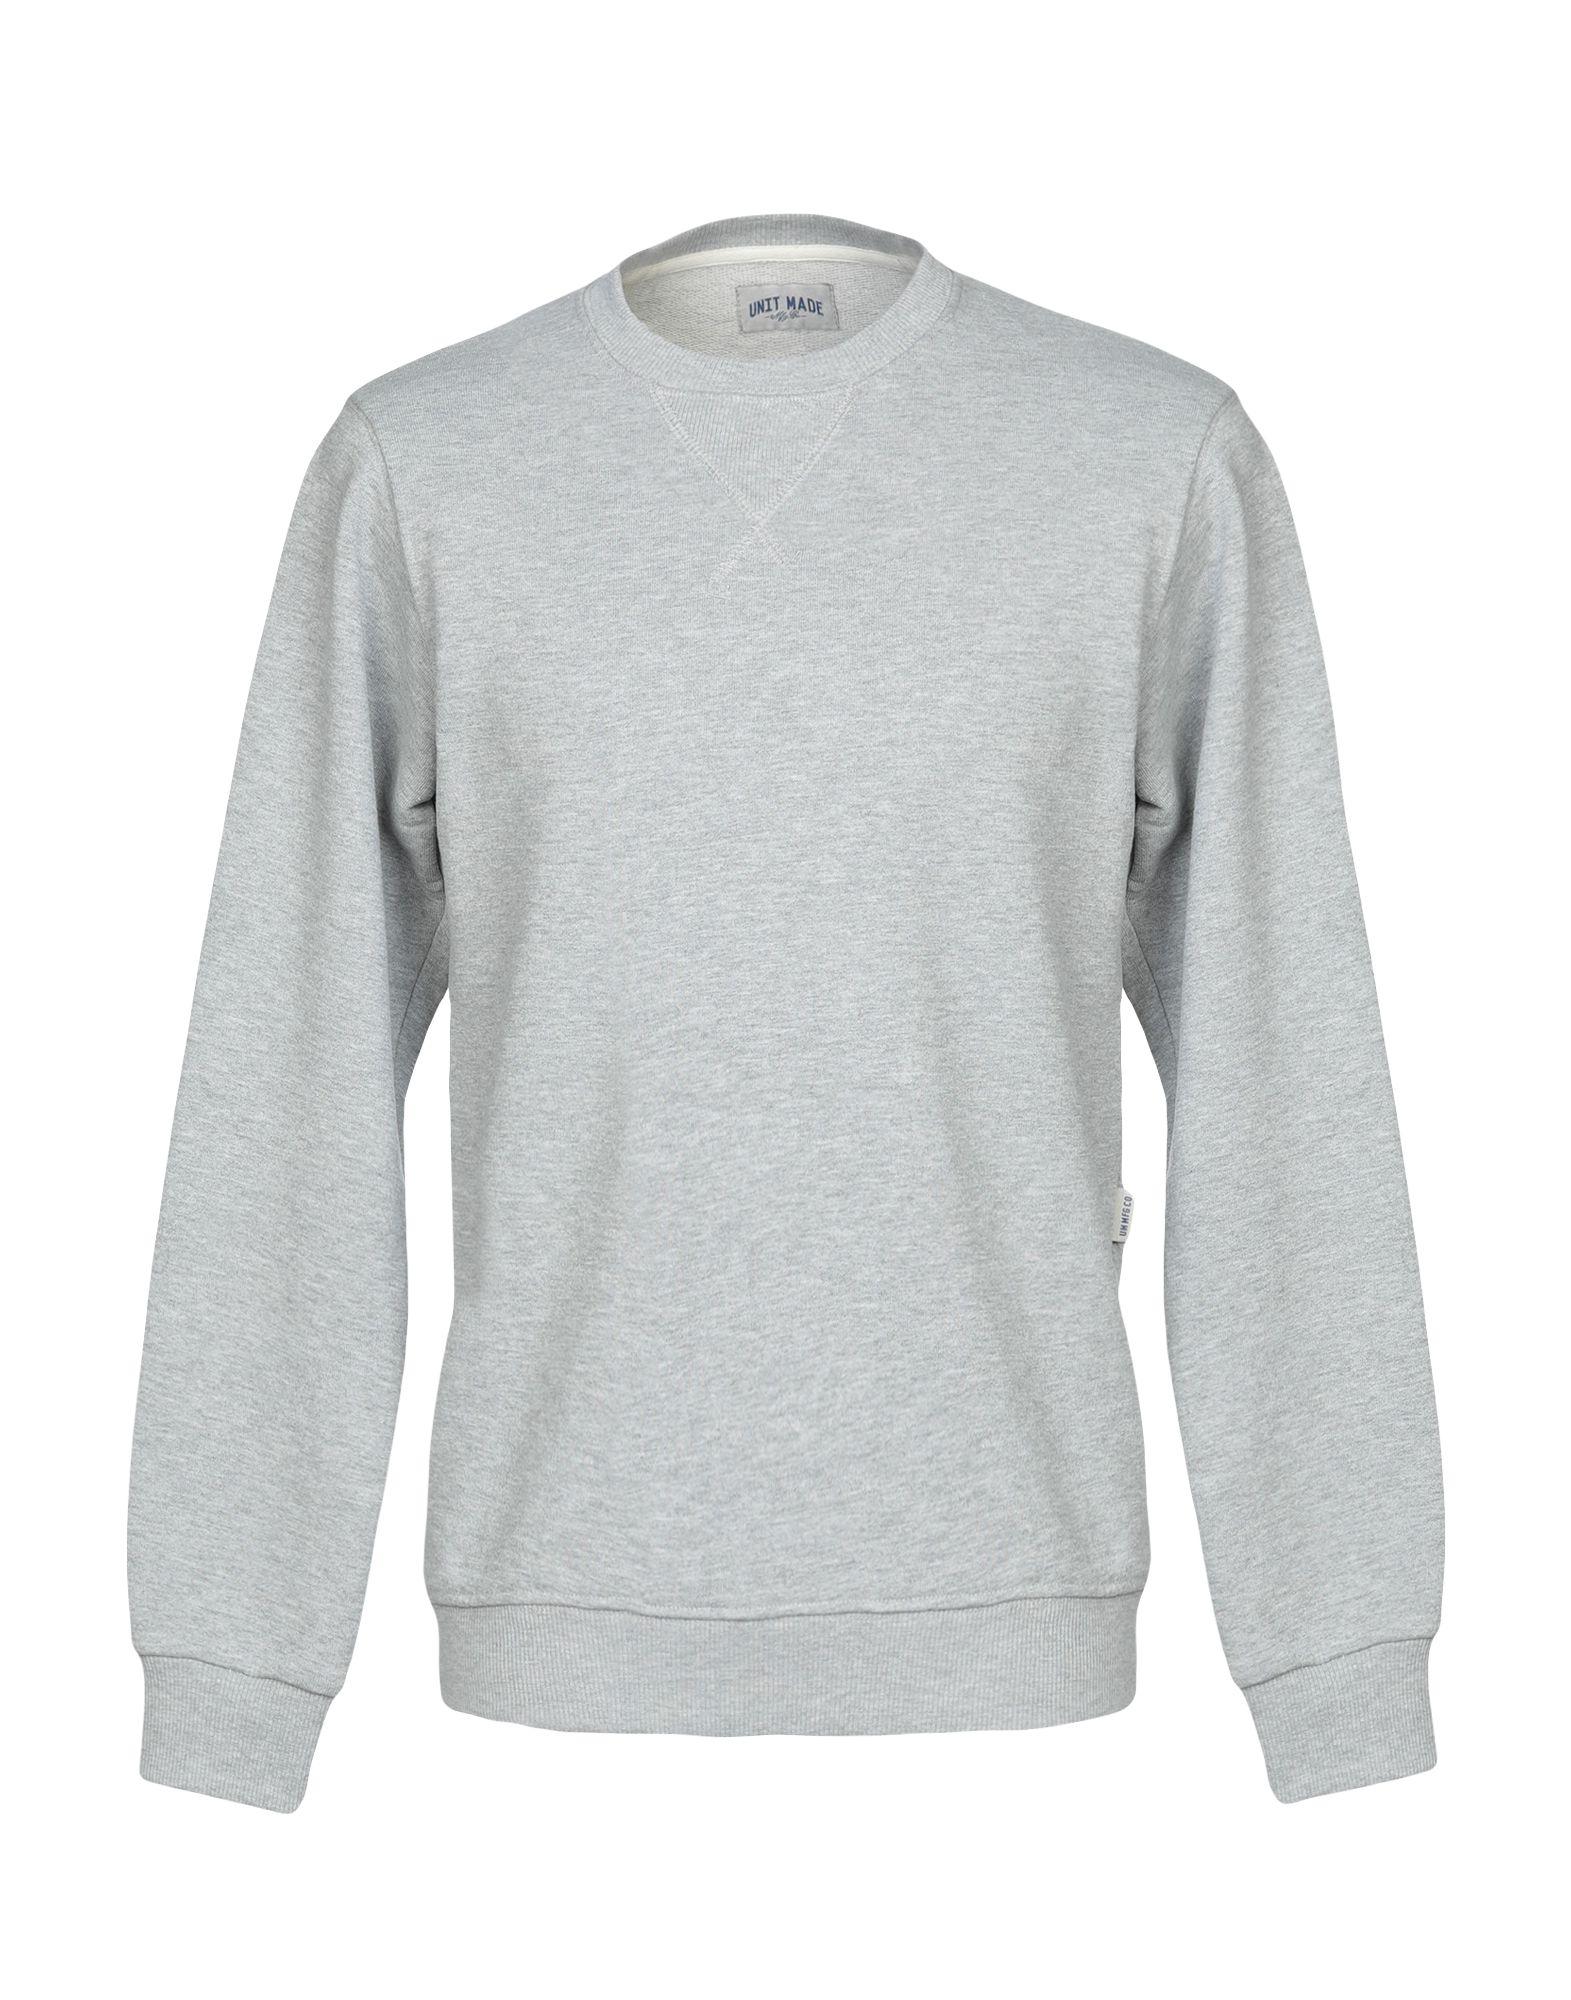 《送料無料》UNIT MADE メンズ スウェットシャツ グレー M コットン 100%